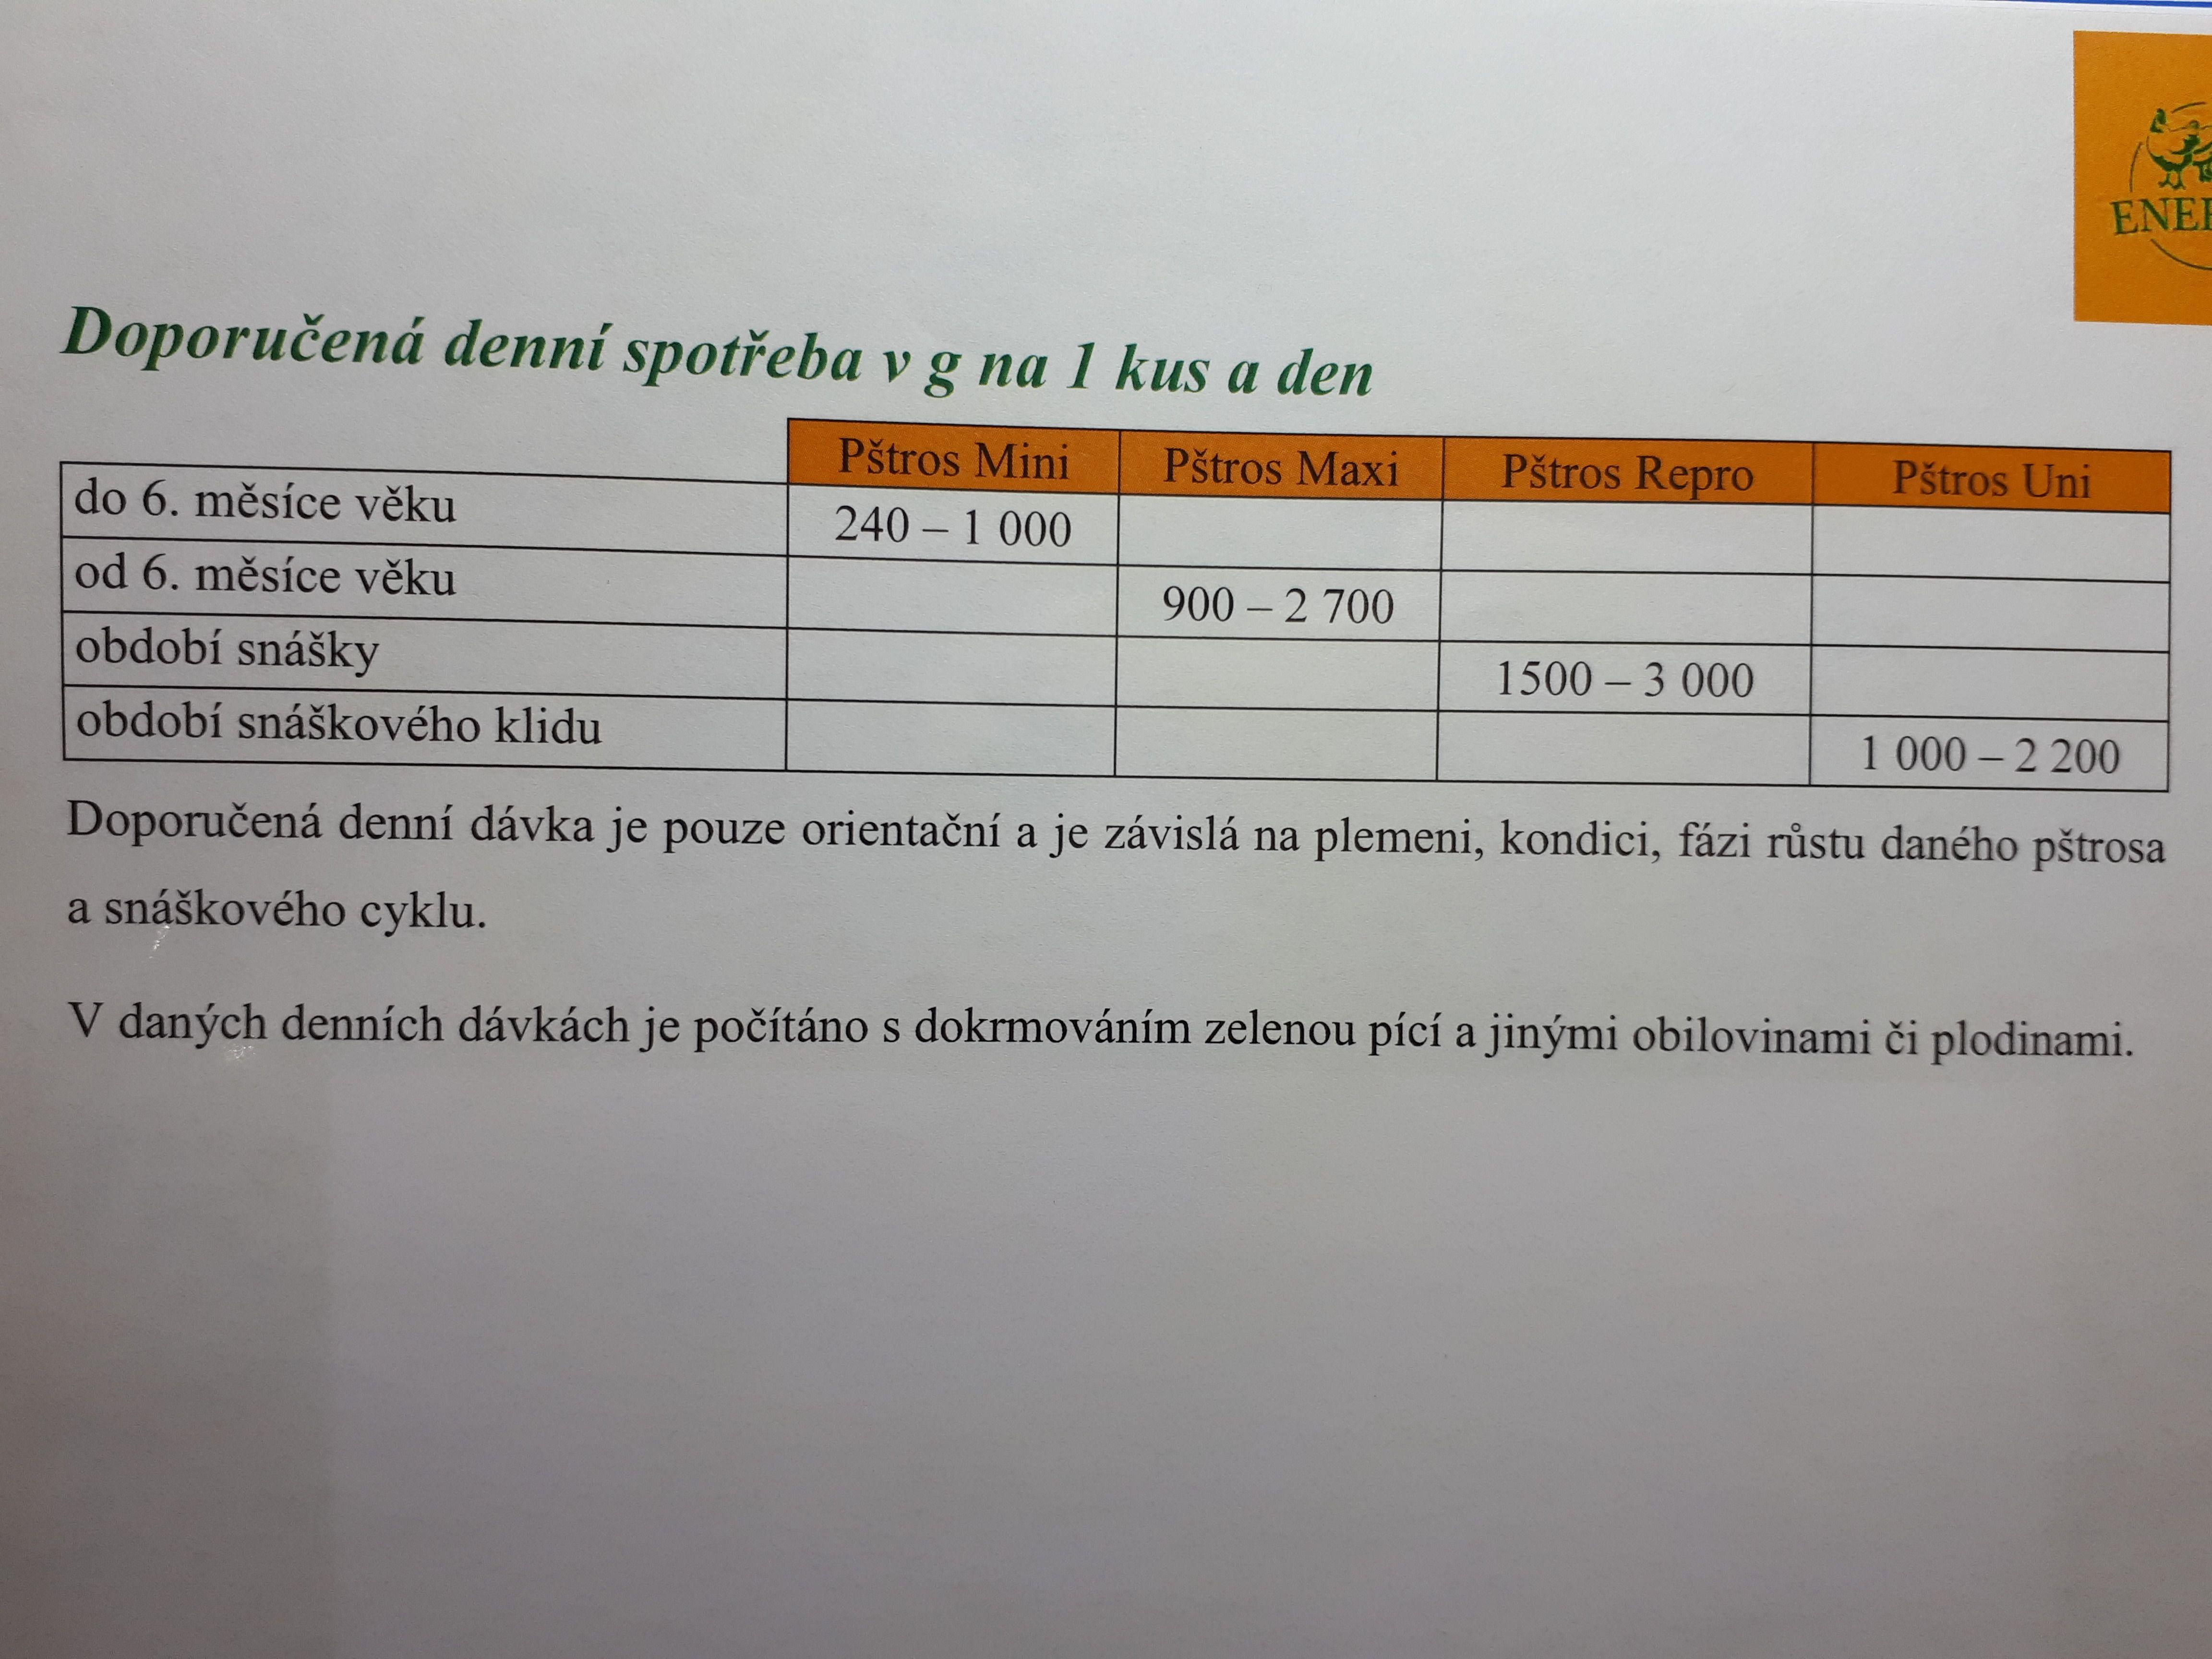 ENERGYS PŠTROS Uni 25kg Kilogramy: 25, cena při odběru: 1 pytle